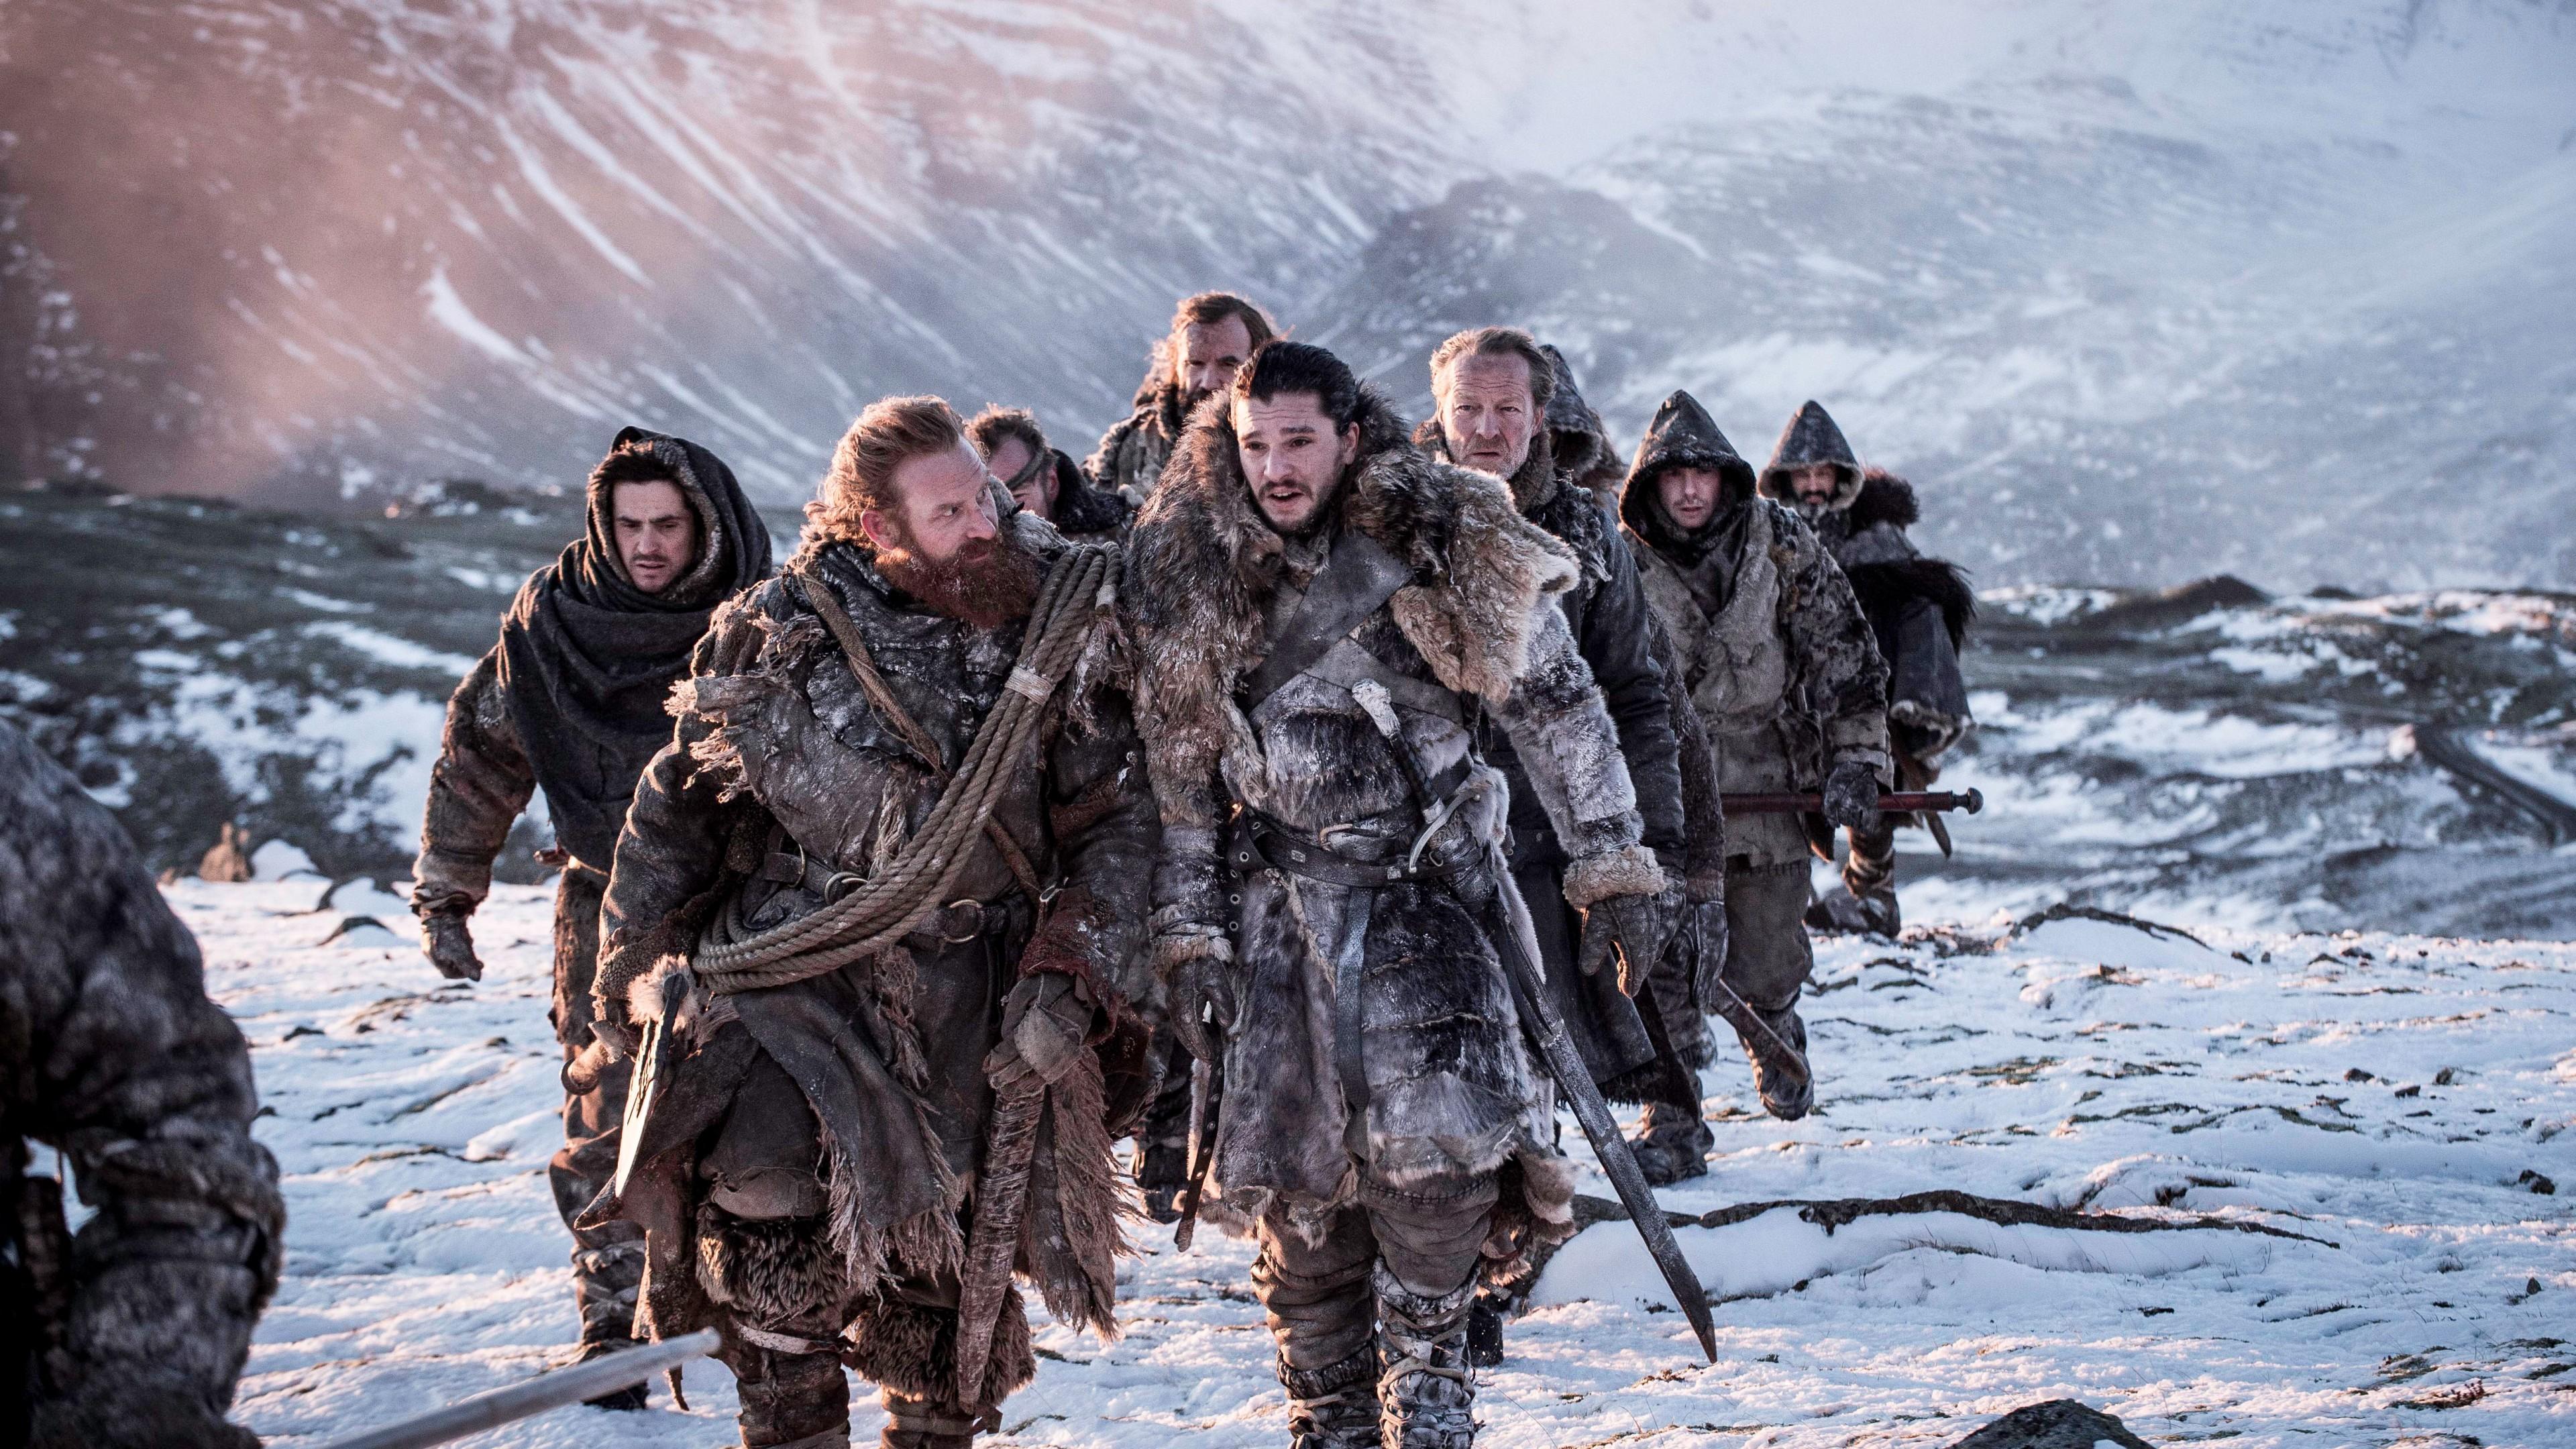 Одичалые в звериных шкурах с оружием в снежных горных вершинах